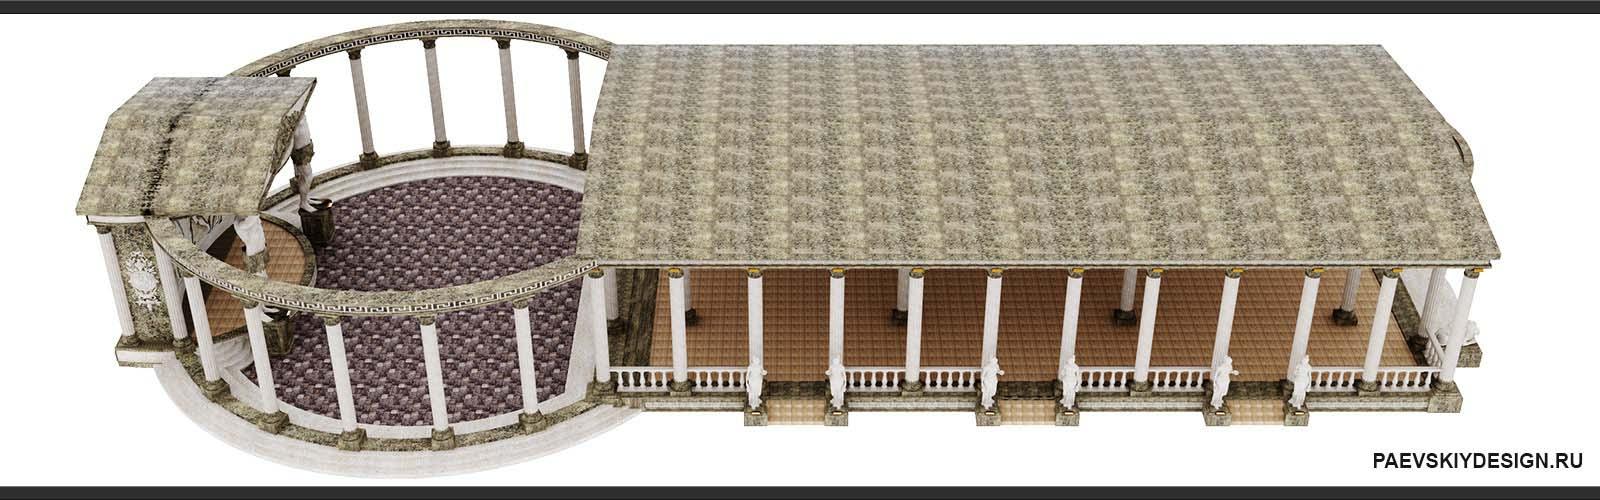 Концепция архитектурного оформления экстерьера строения в античном стиле